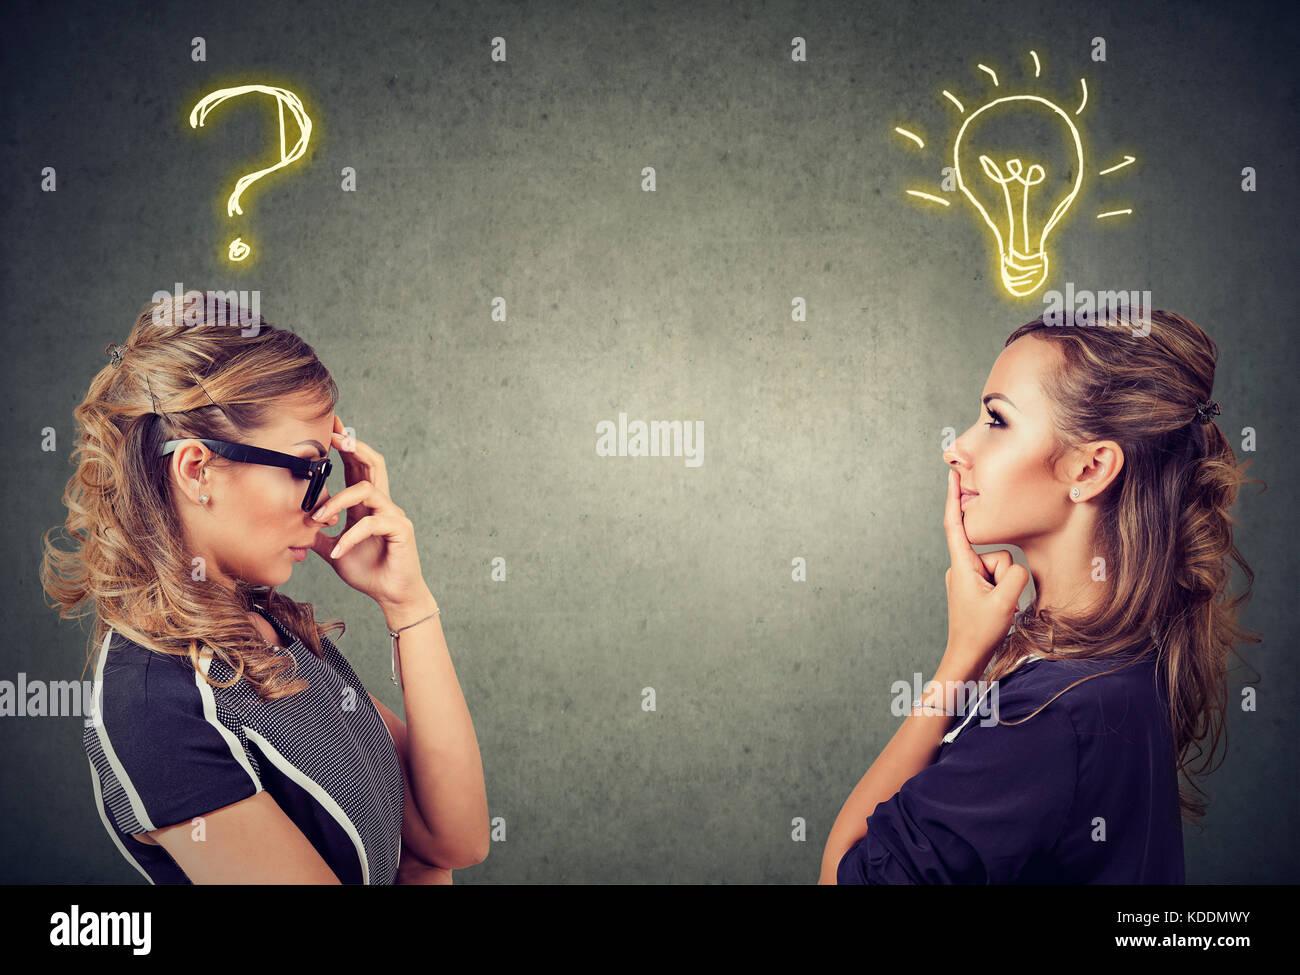 Zwei Frauen denken hat eine Frage eine andere Lösung mit Glühbirne über dem Kopf auf grauem Hintergrund. Stockbild